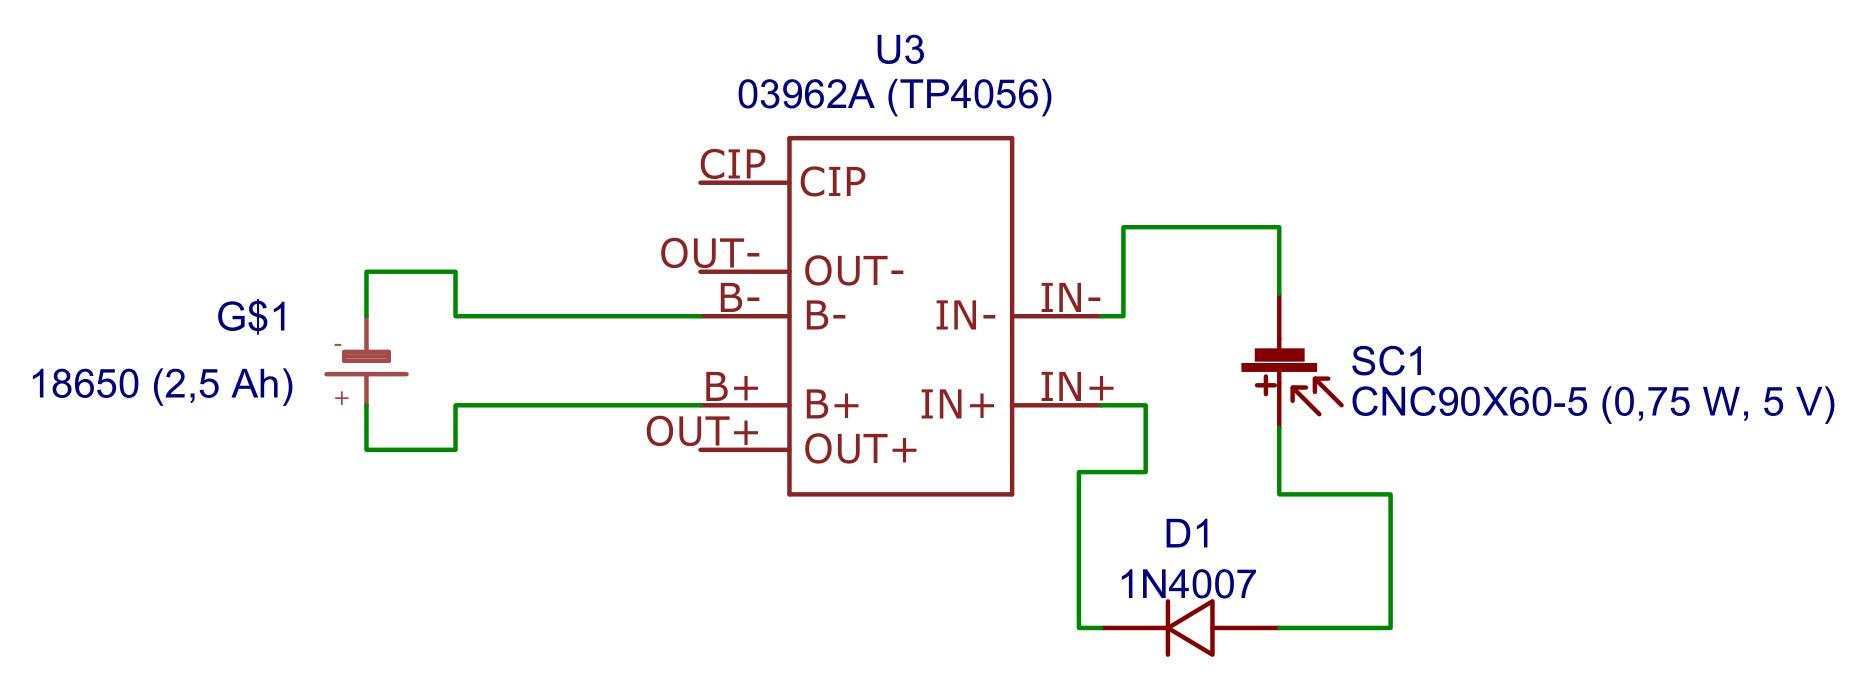 18650--03962A-TP4056-CNC90X60-5-075-Vt-5-V_2.jpg